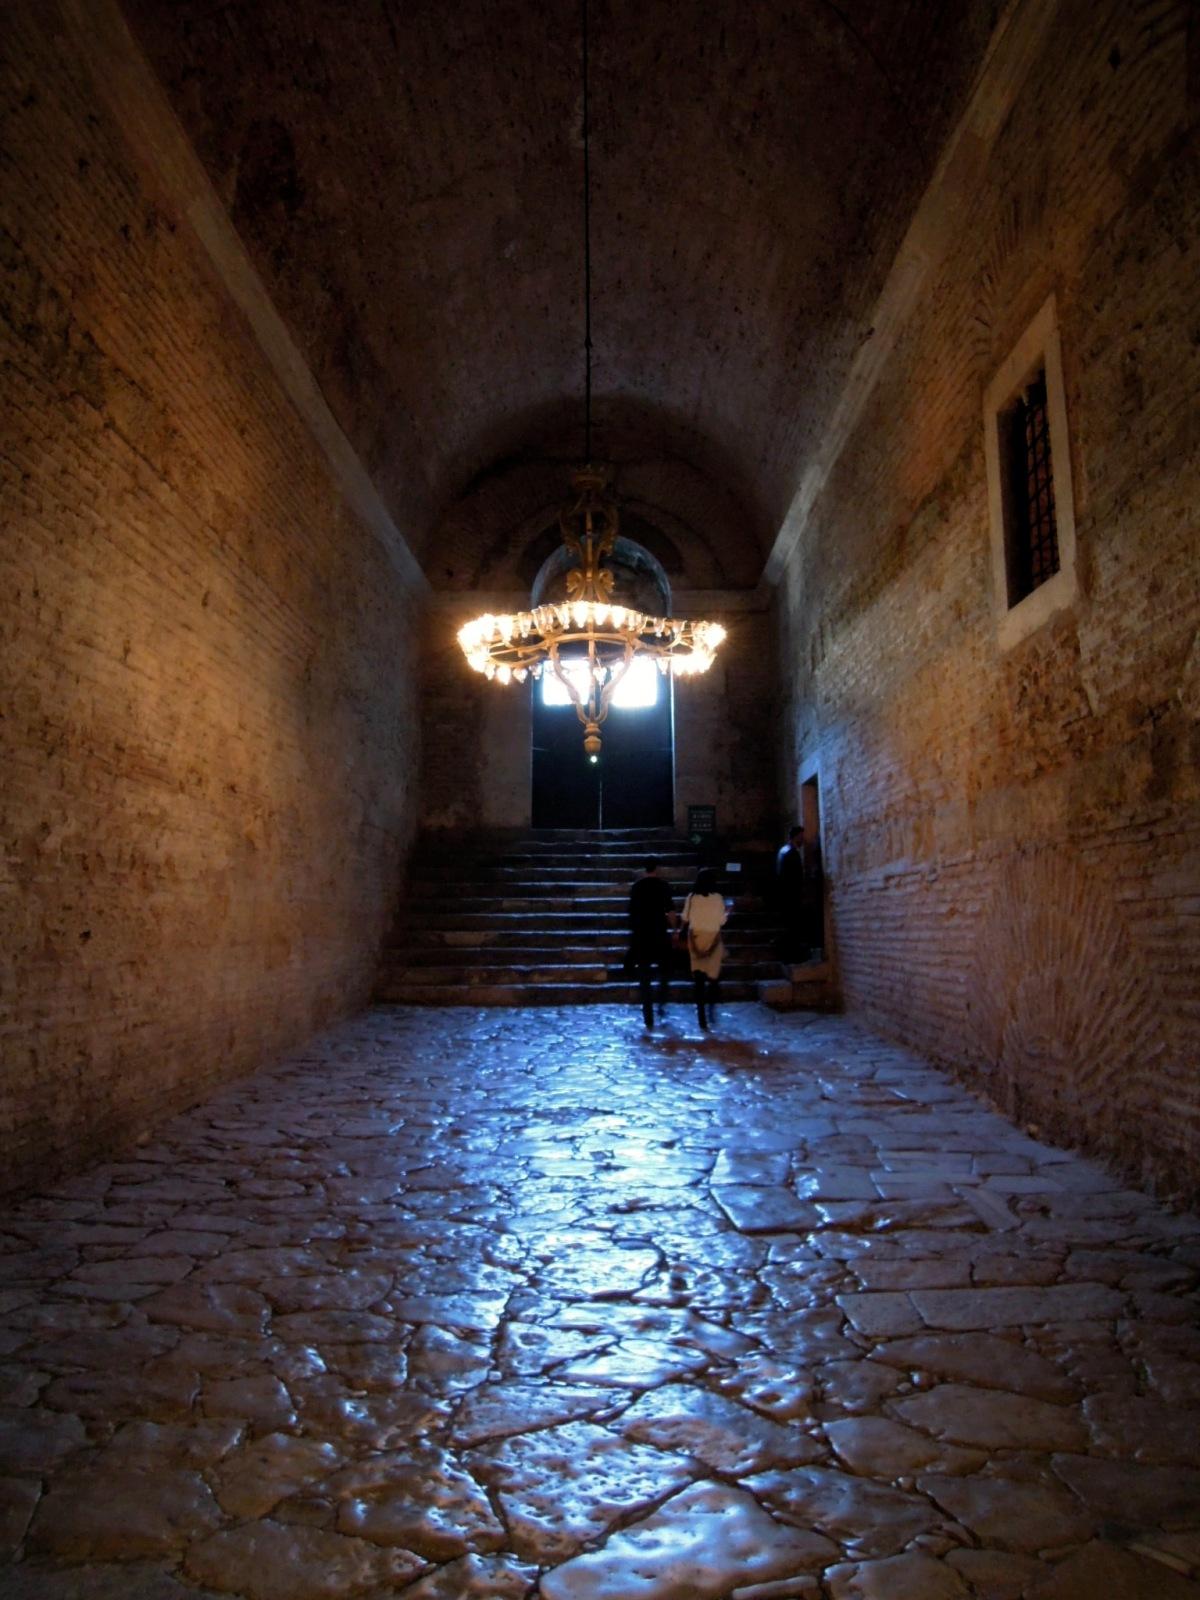 Passageway in the Aya Sofya